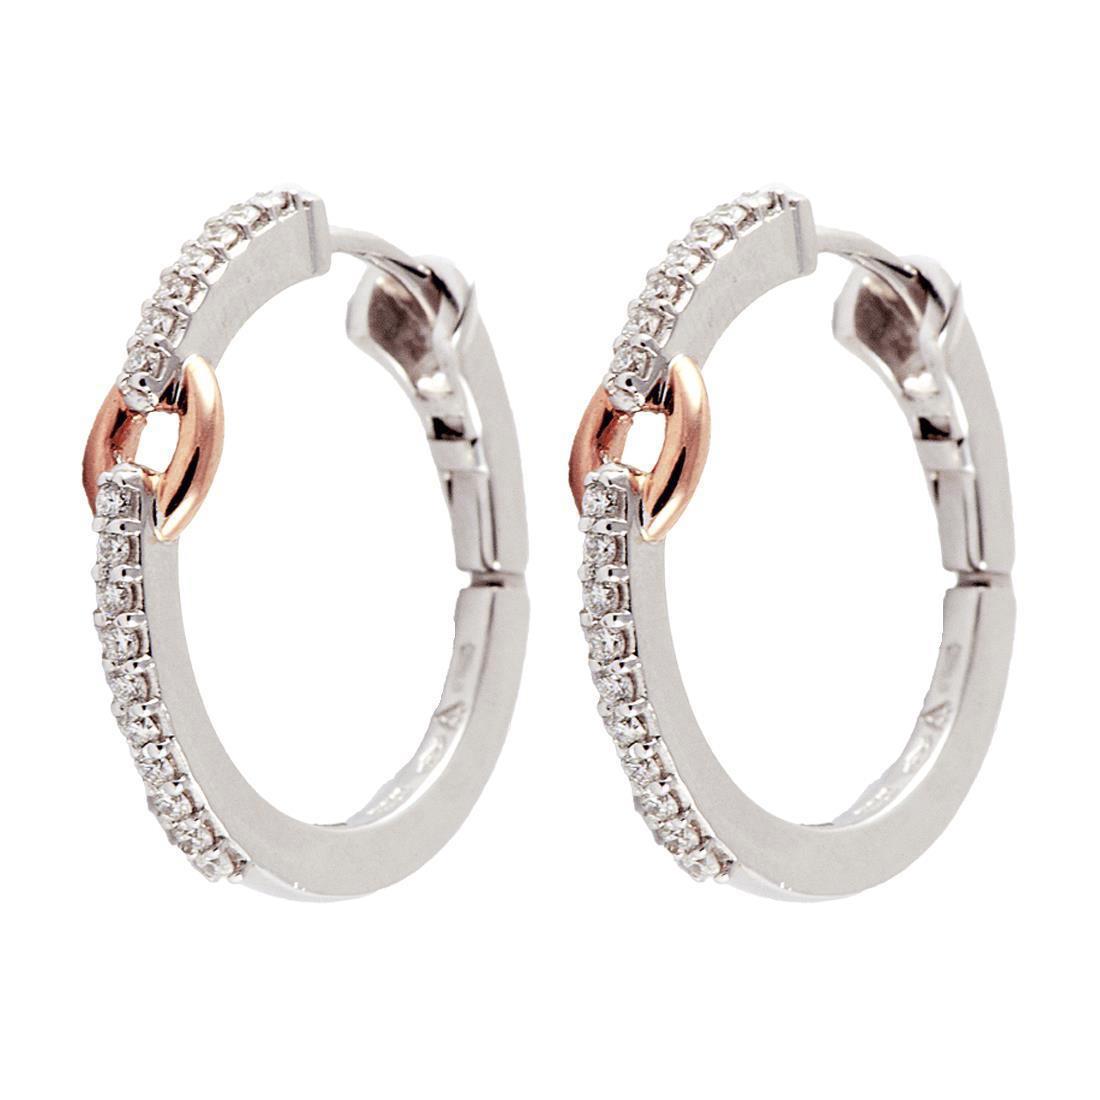 Orecchini in oro bianco e rosa con diamanti - DAMIANI